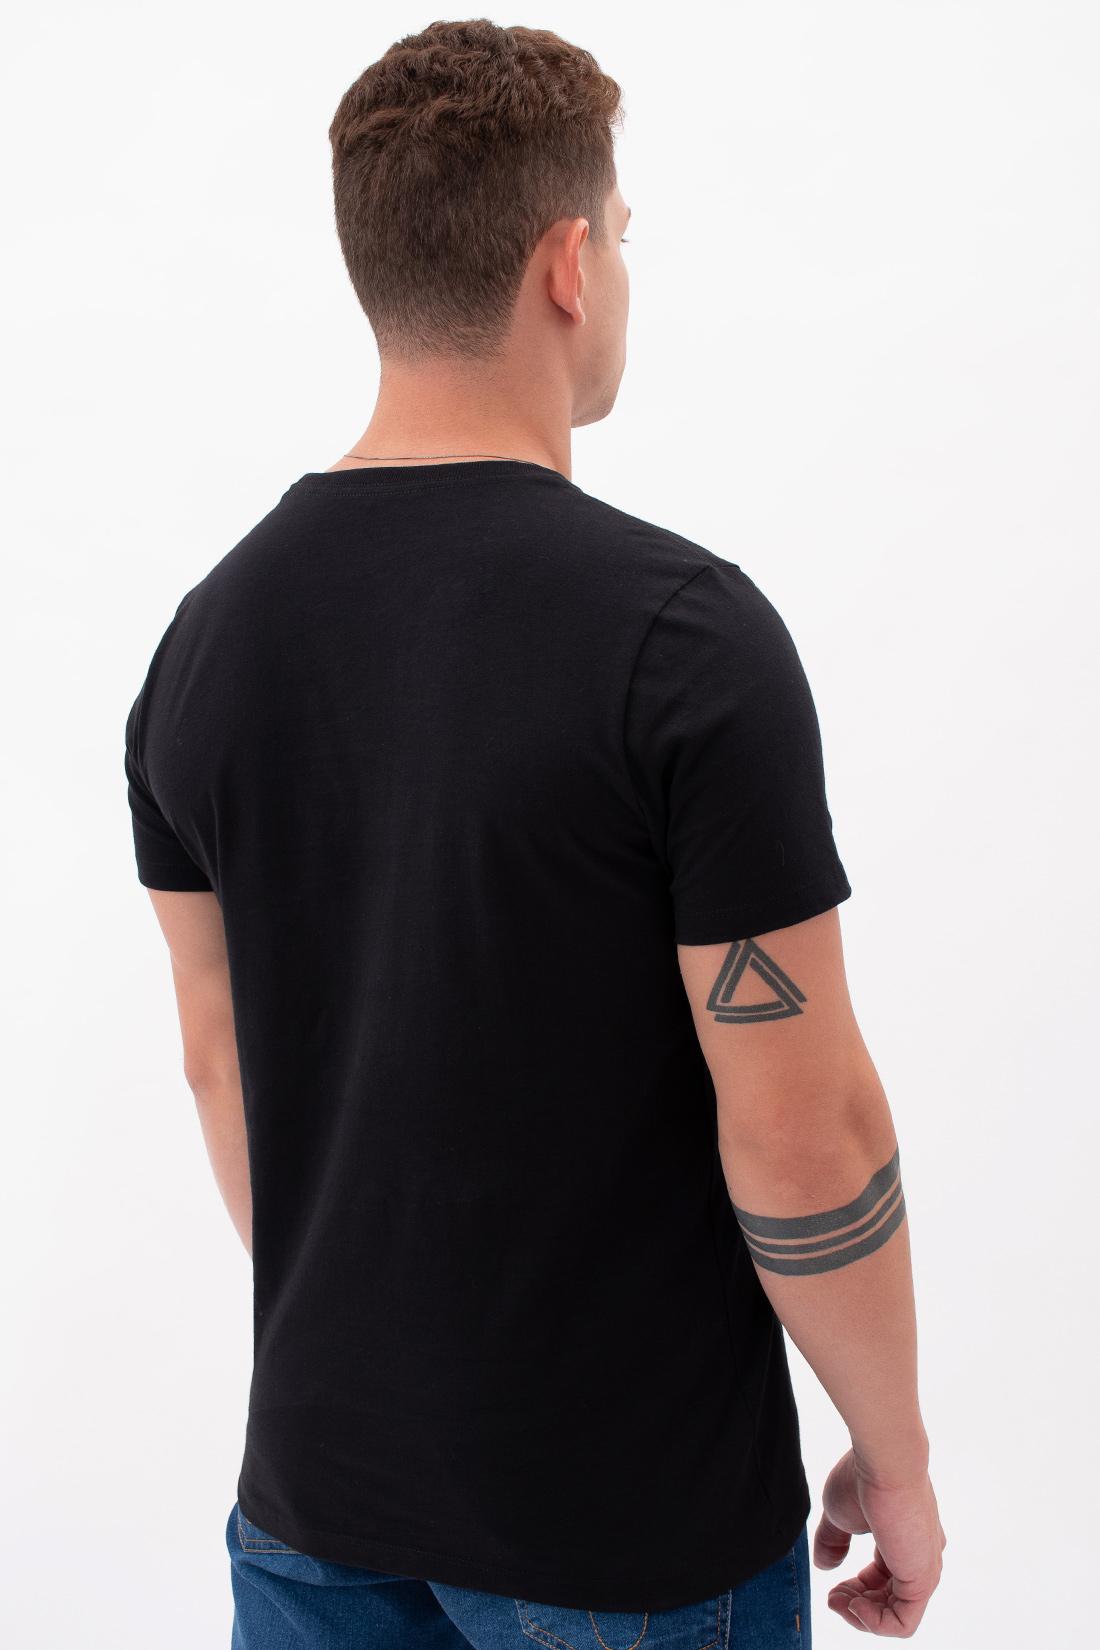 Camiseta Mc Colcci Balance Kind Ness